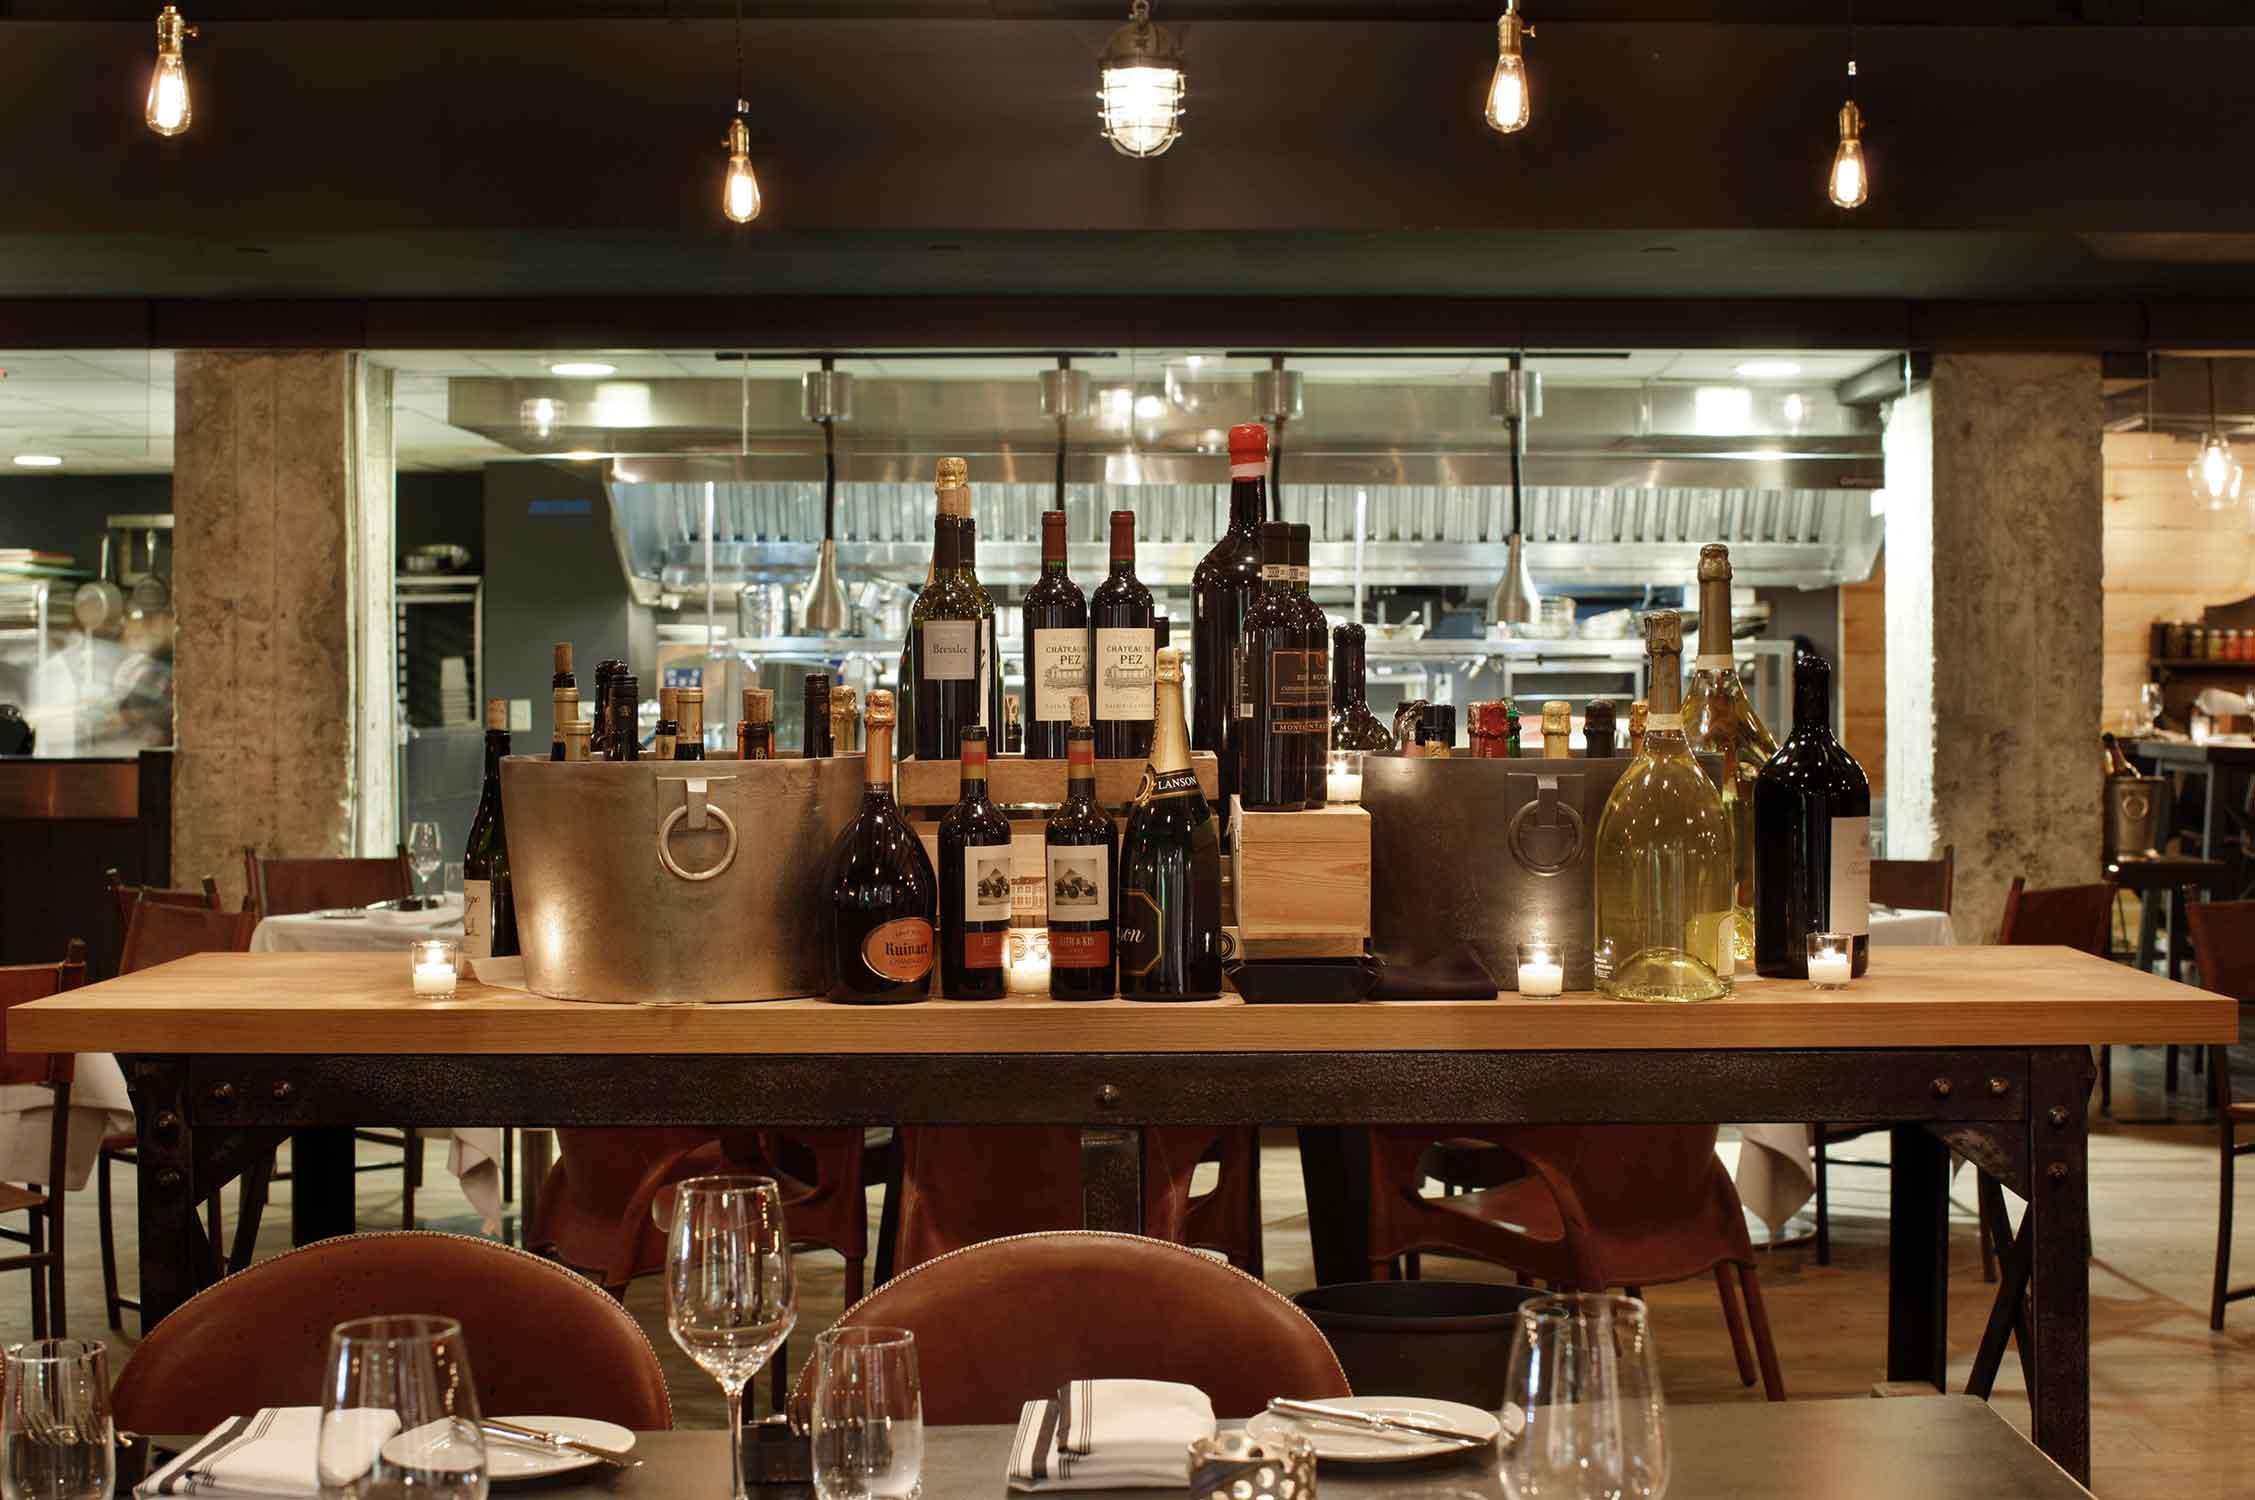 Blackbarn-Restaurant-45.jpg